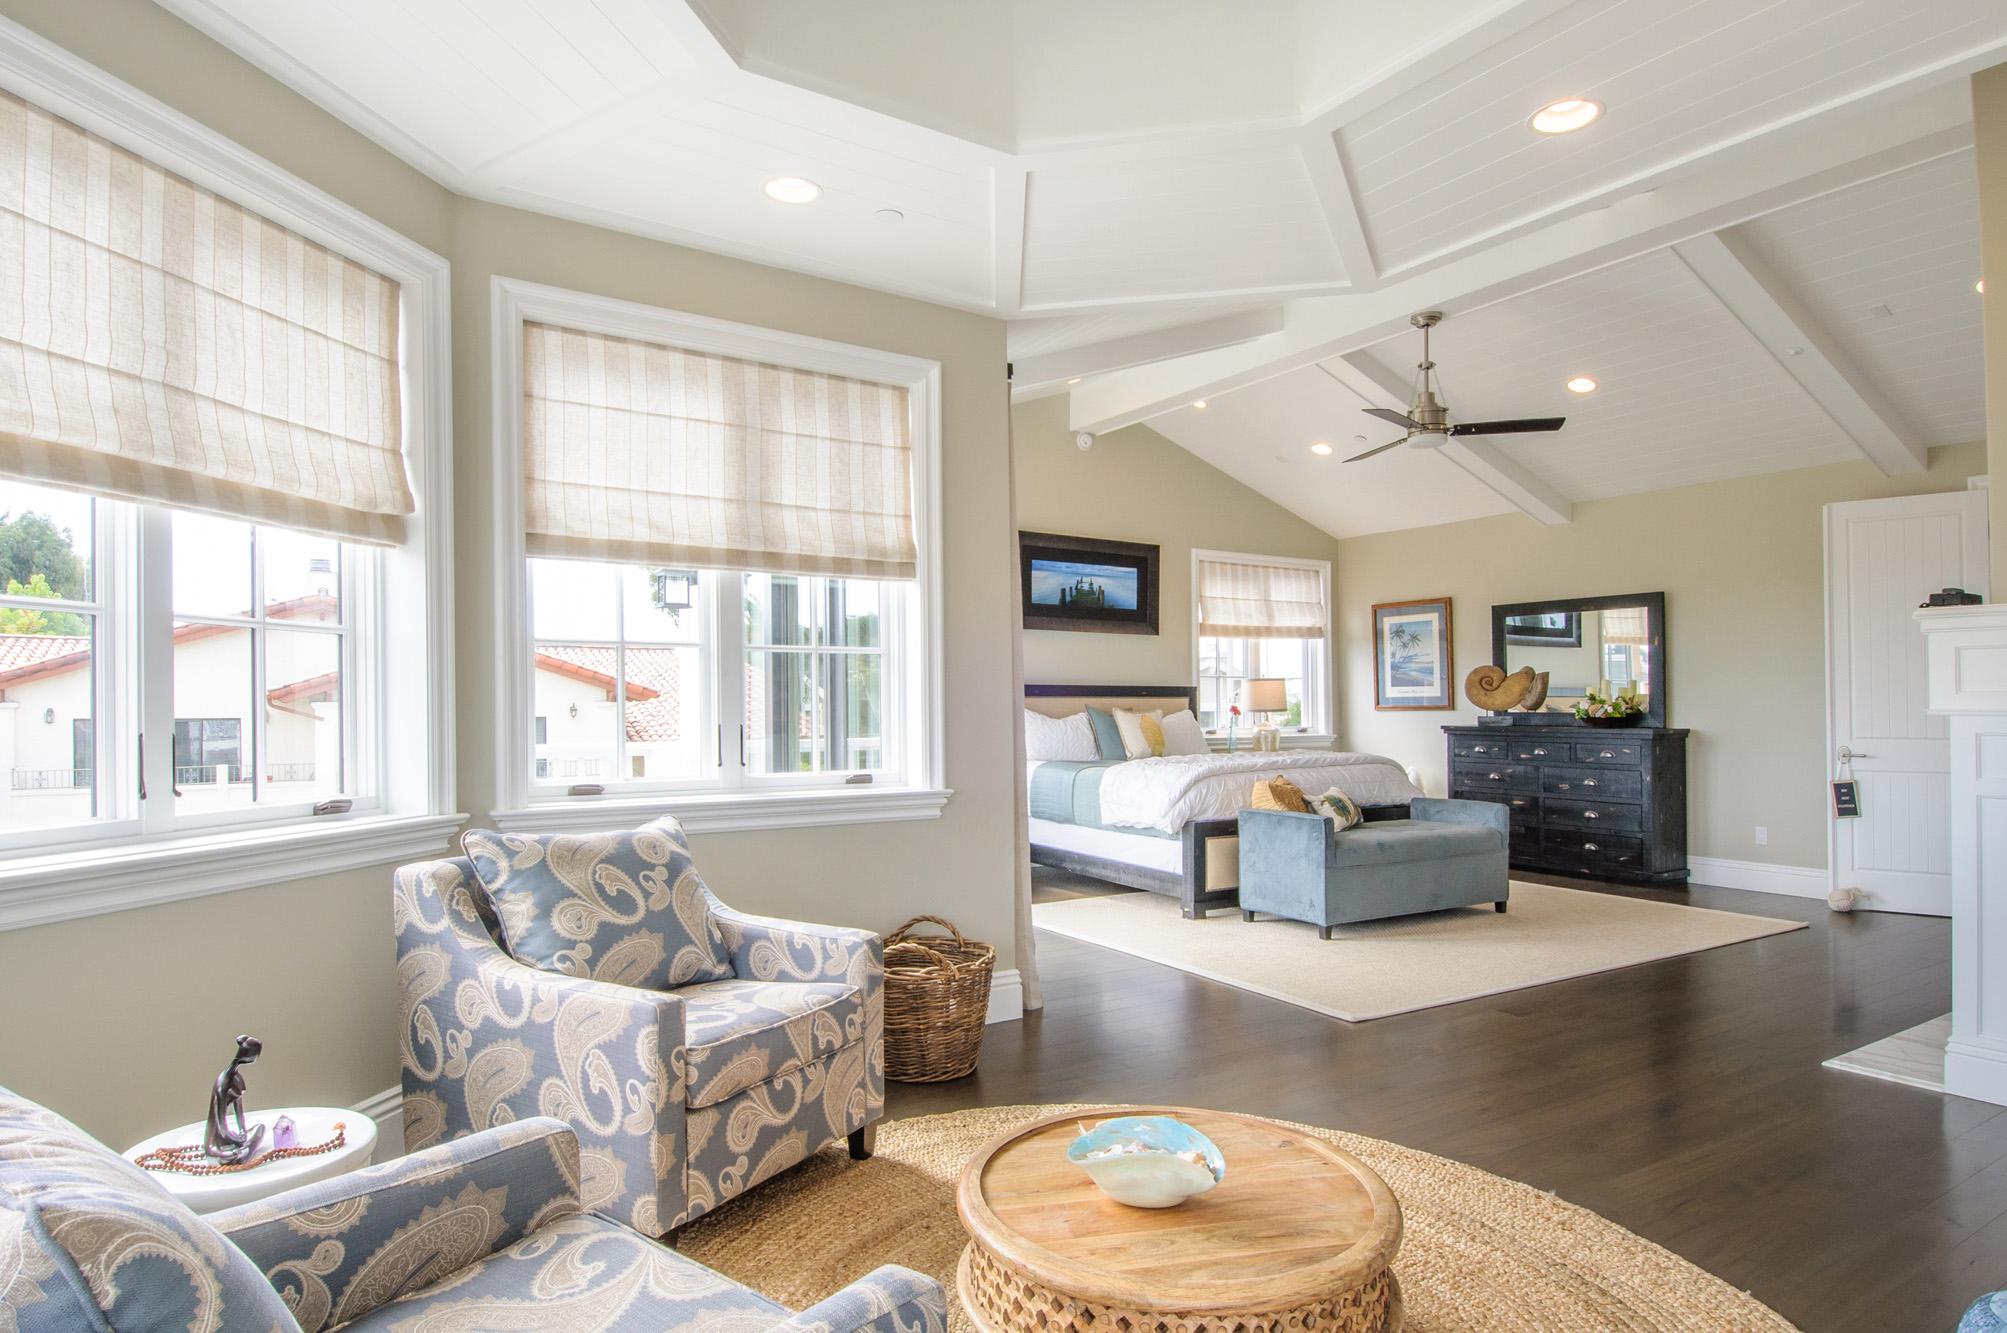 capecod - masterbed room - walnut floors.jpg